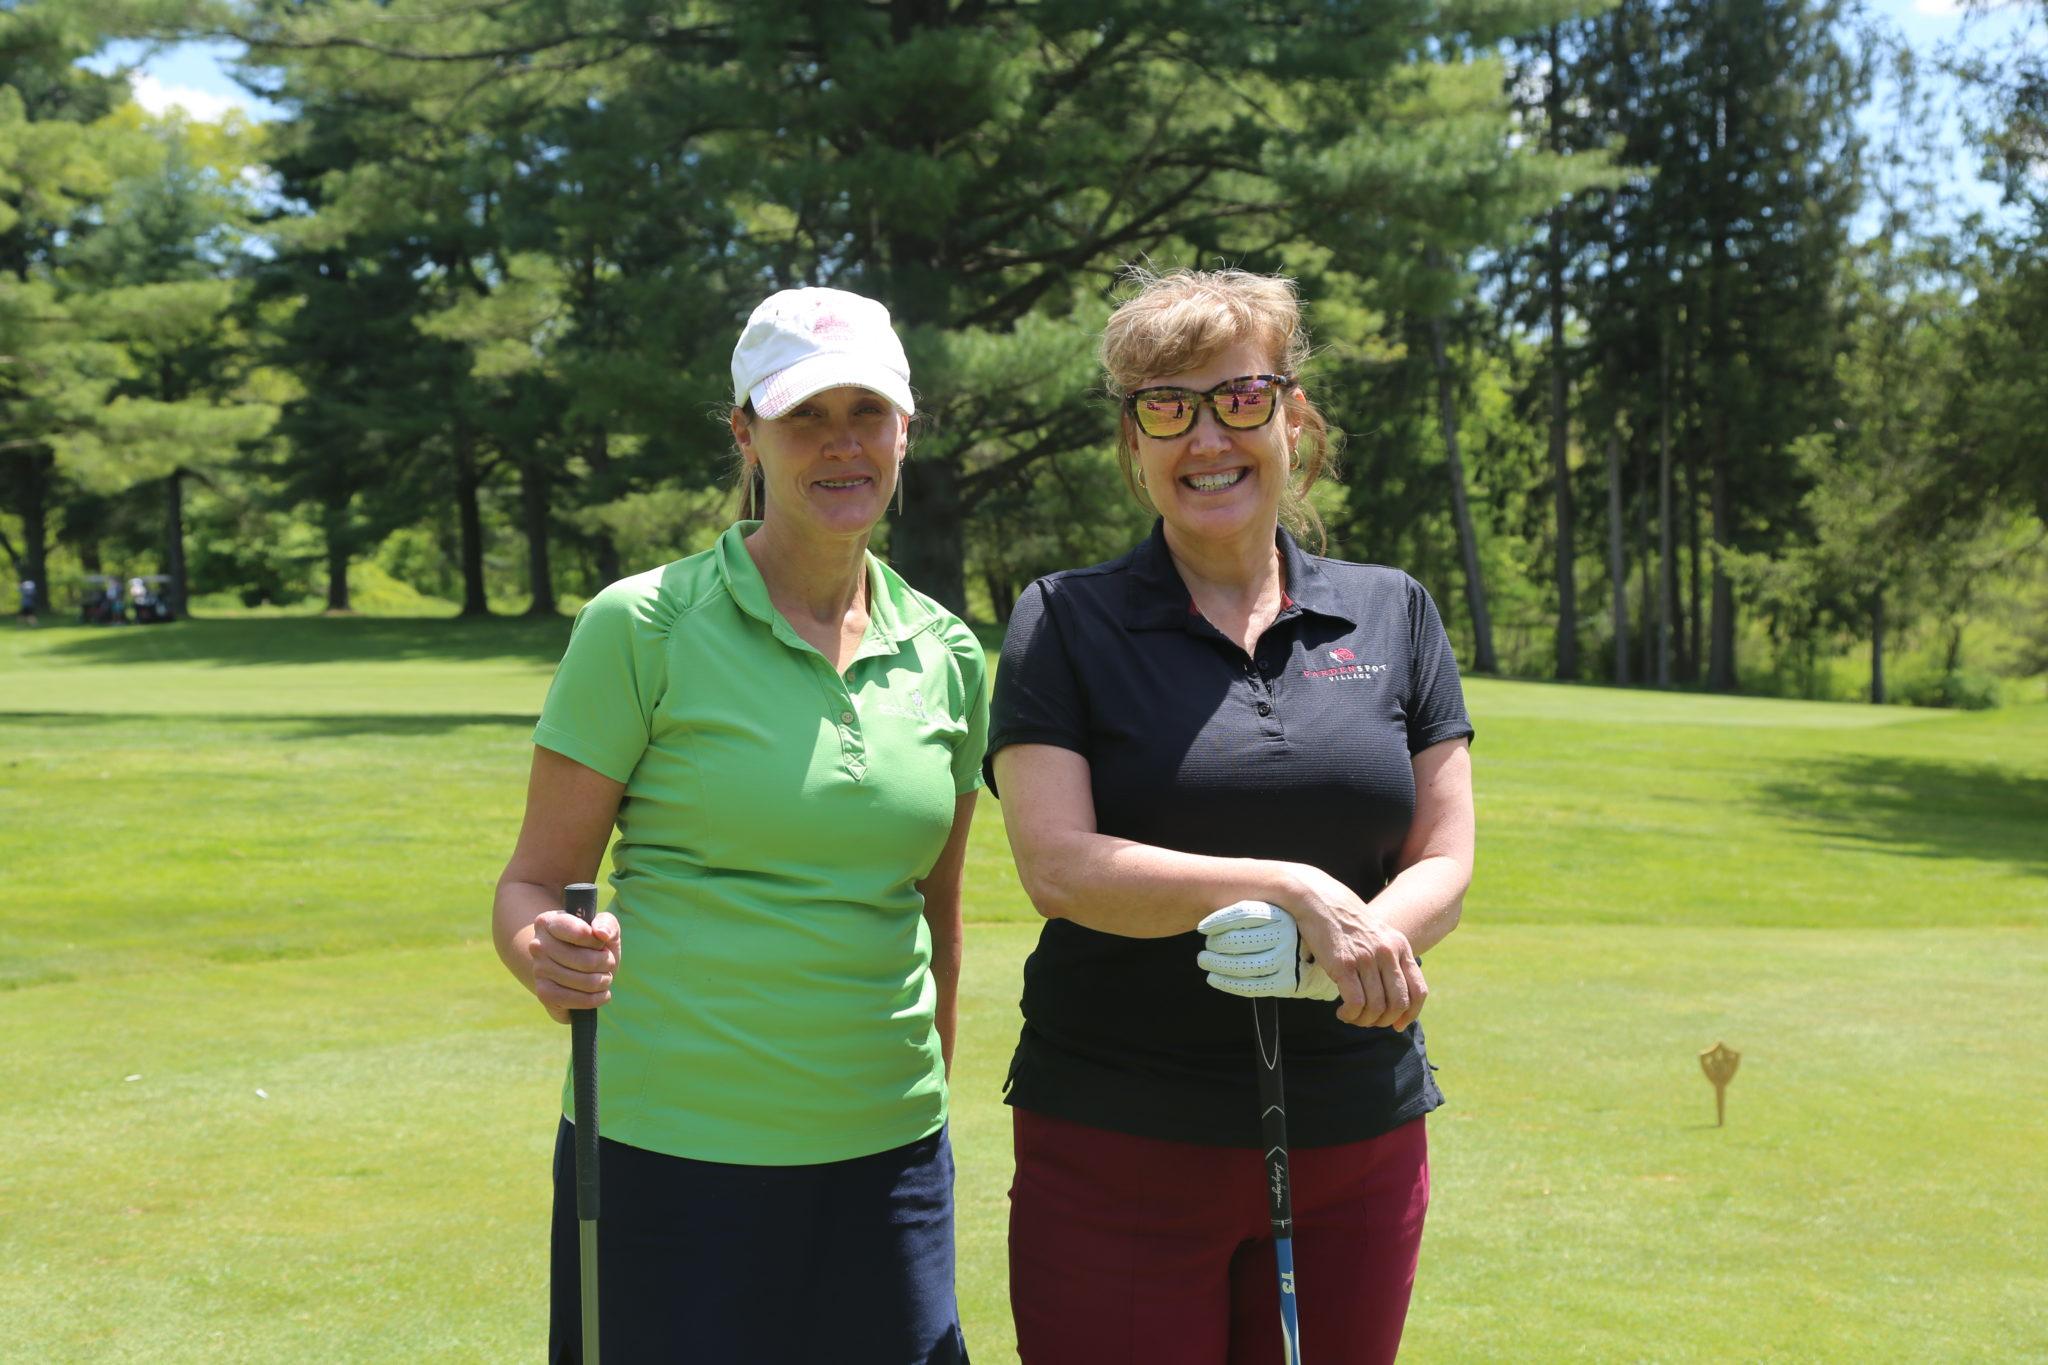 2 women golfers